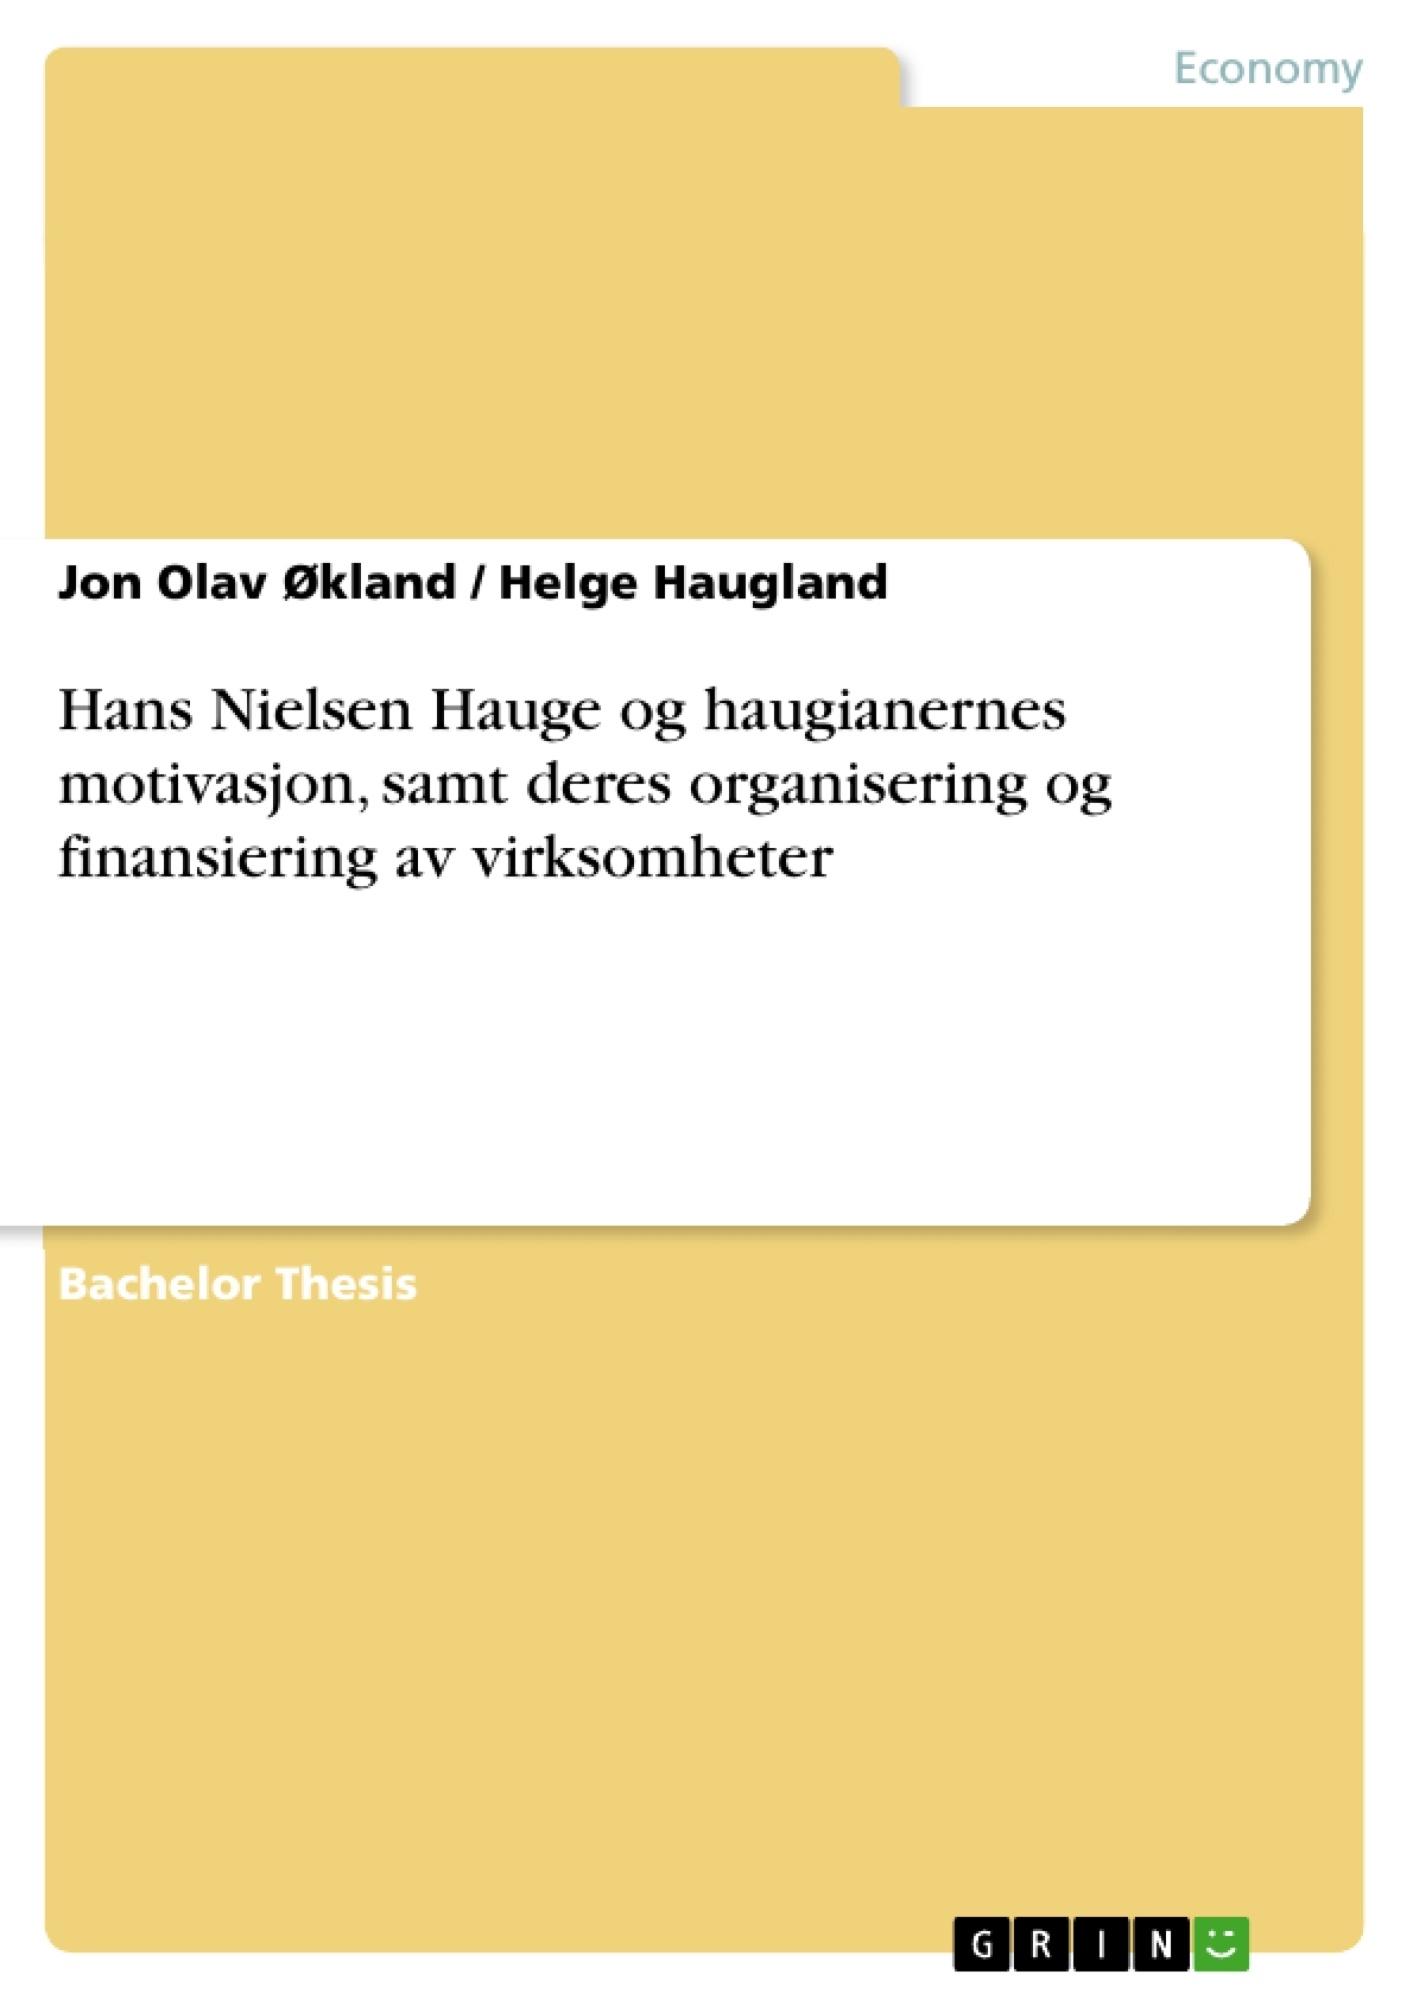 Title: Hans Nielsen Hauge og haugianernes motivasjon, samt deres organisering og finansiering av virksomheter